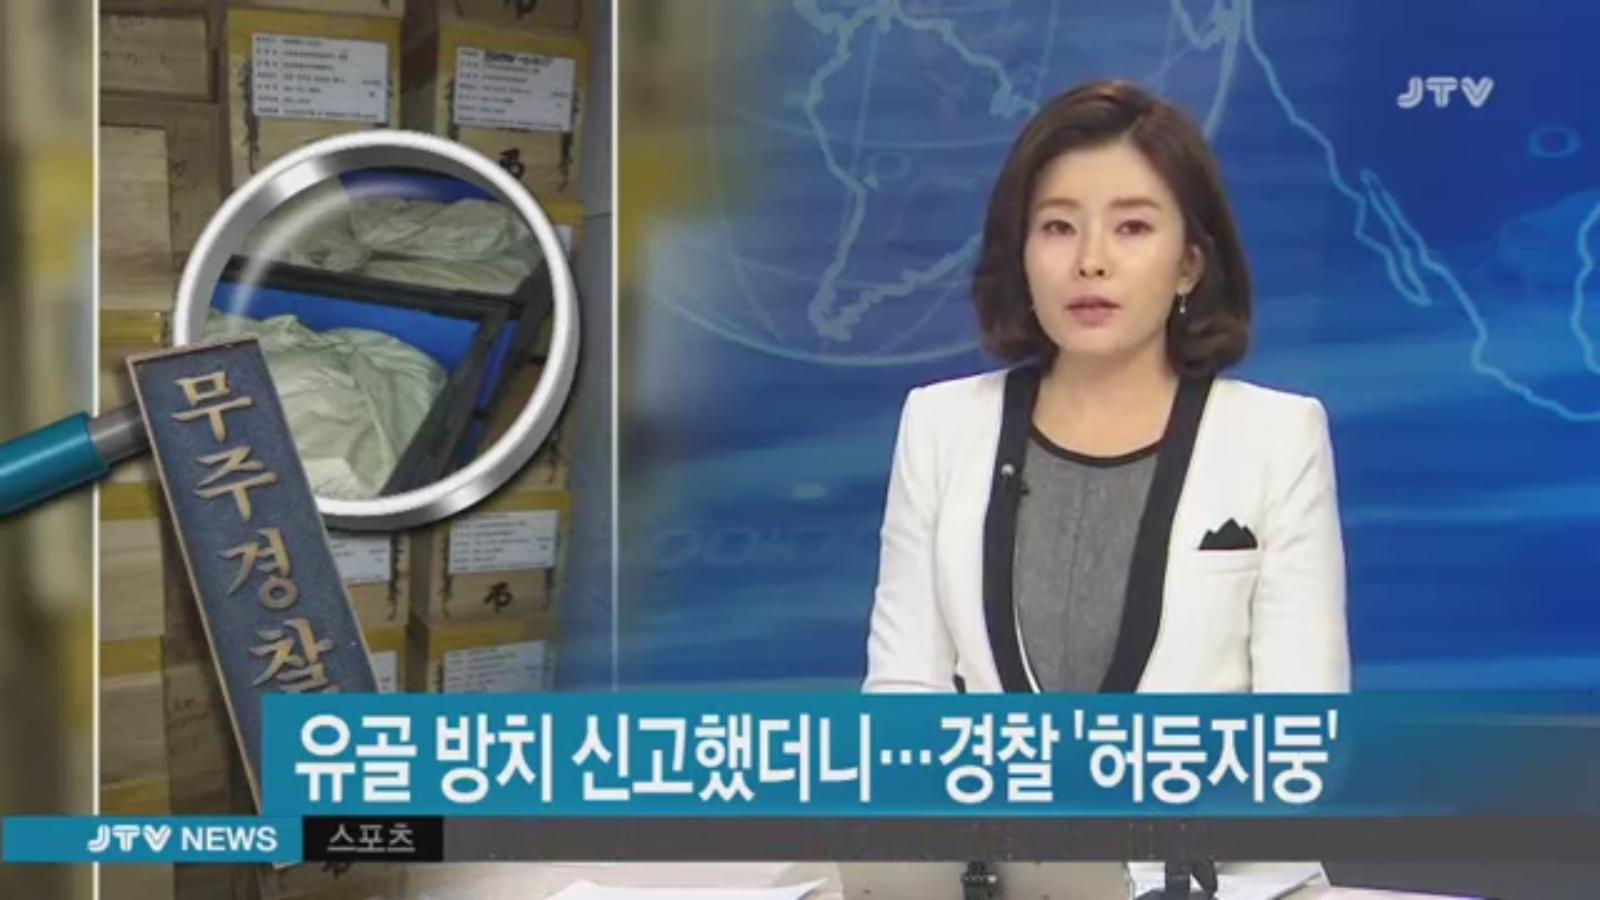 [18.1.24 JTV] 경찰, 신고자에게 처벌 근거 찾아오라고 돌려보내1.jpg